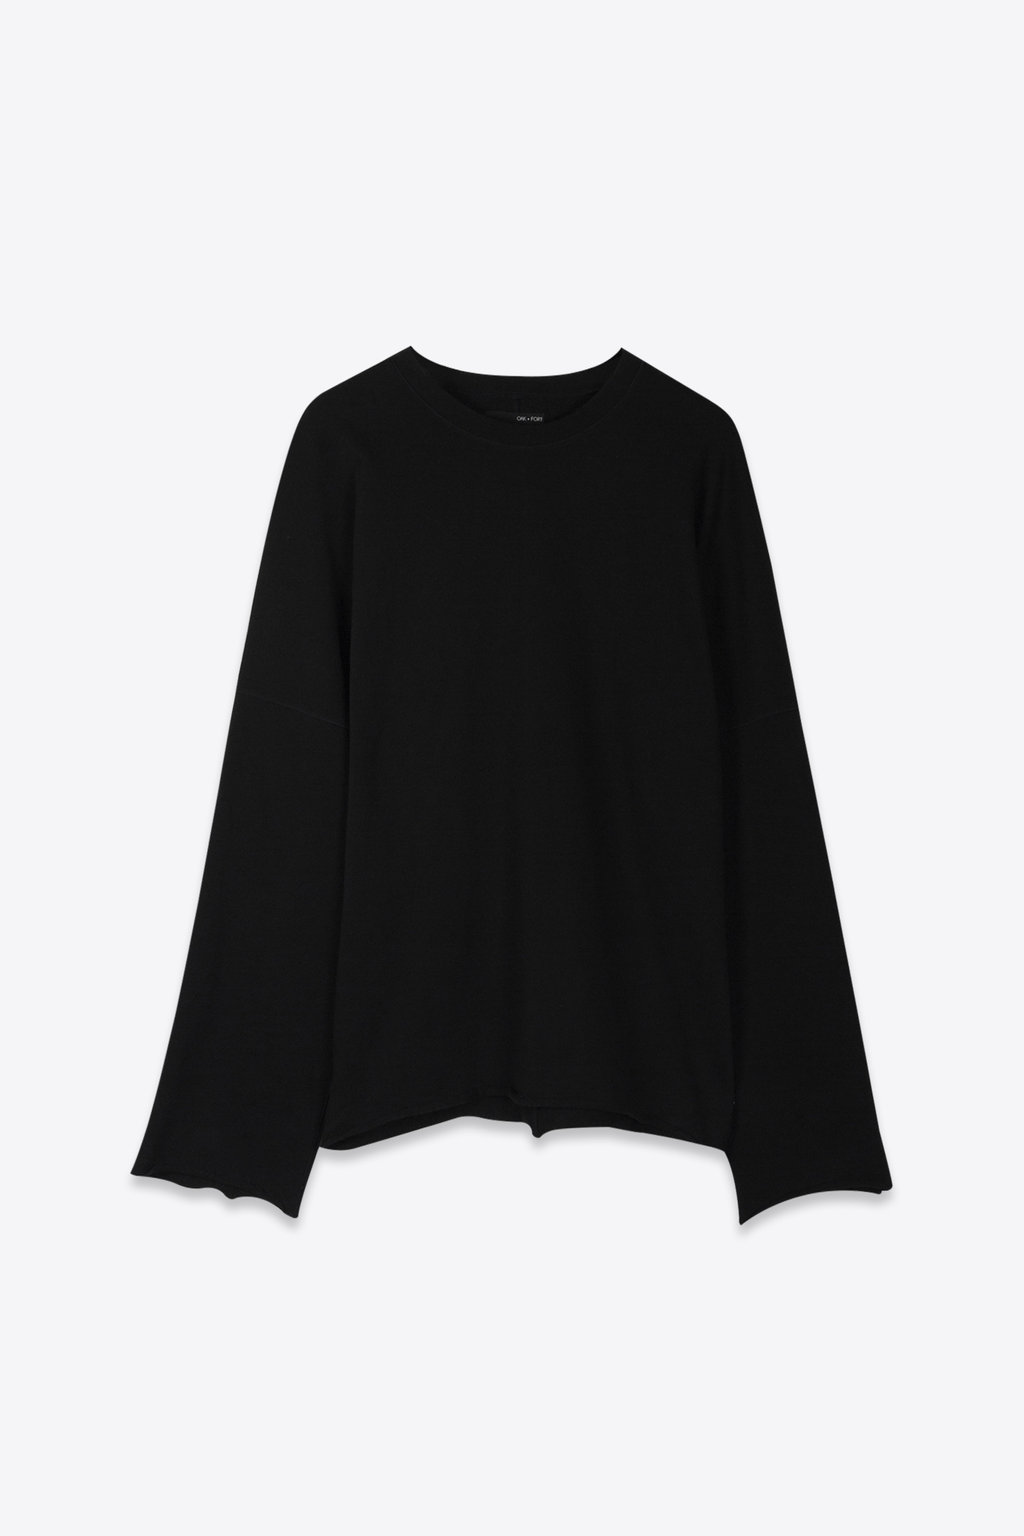 TShirt 1134 Black 5